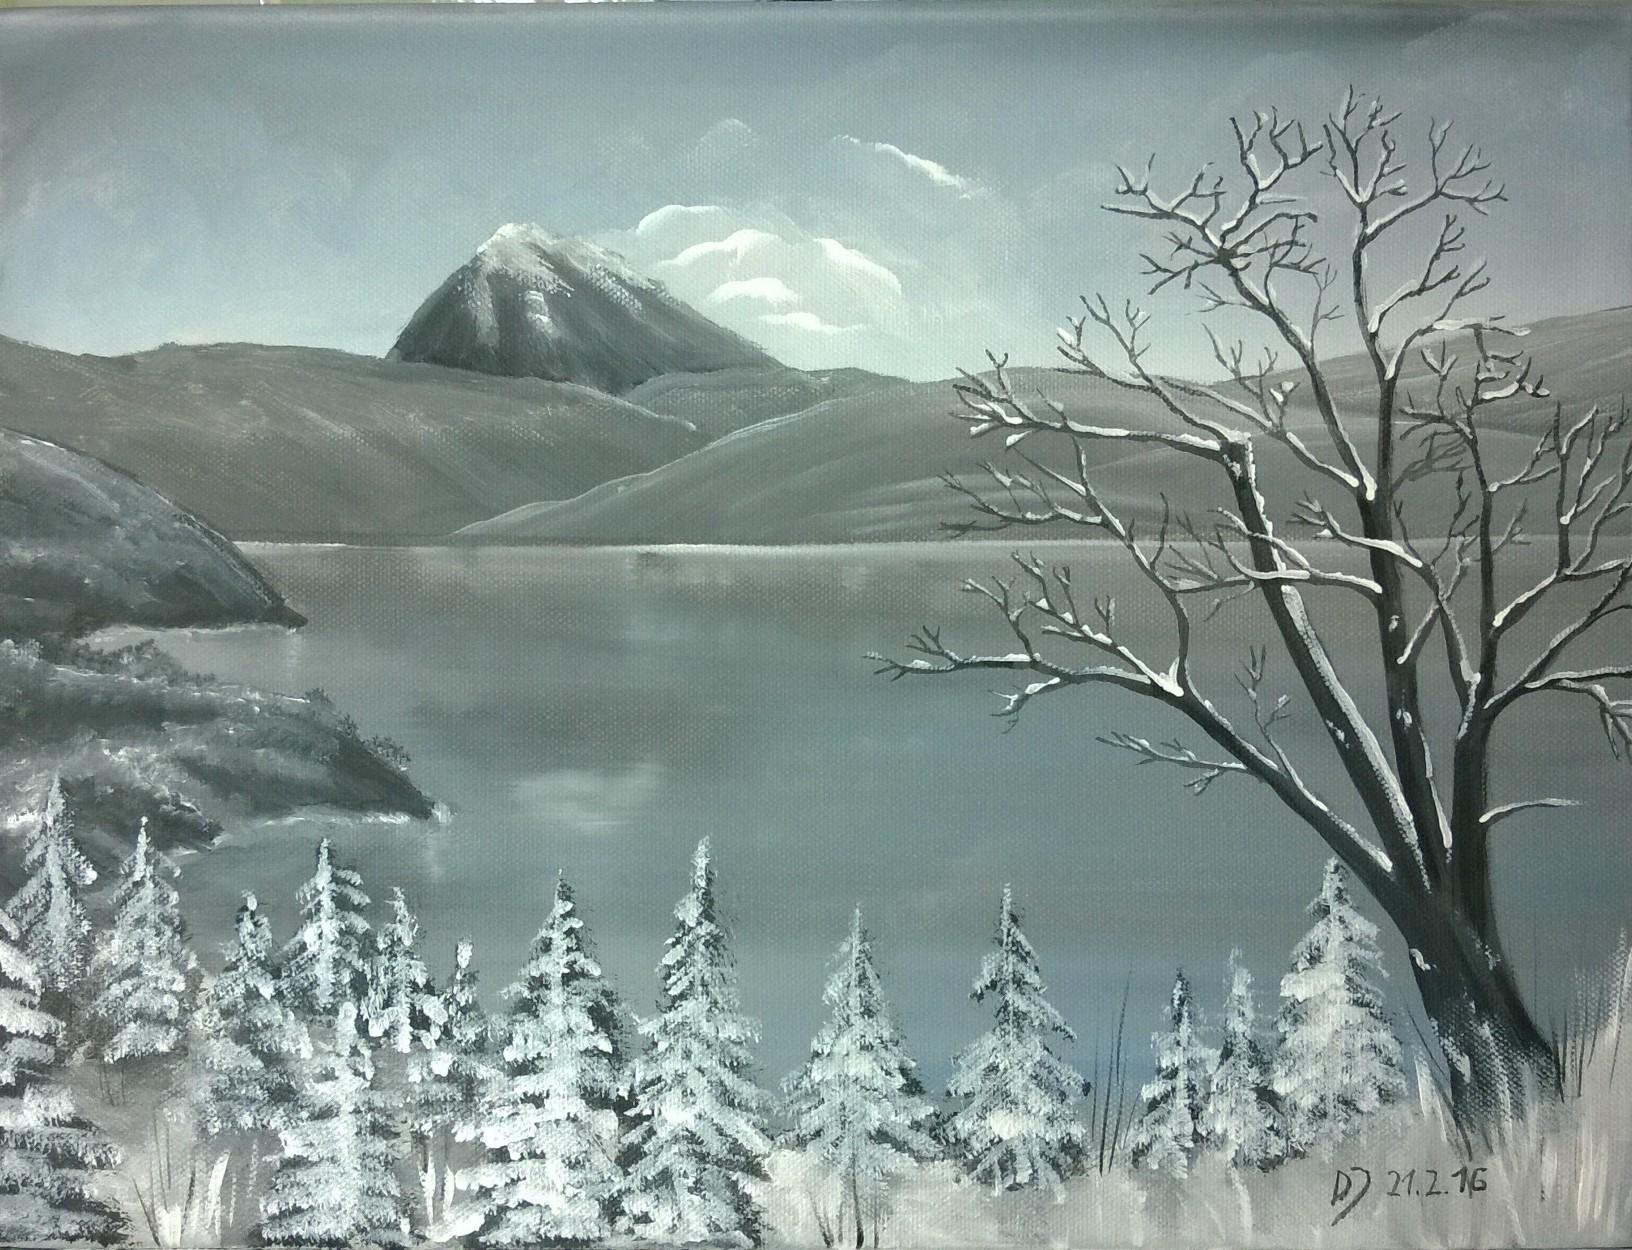 Malkurs online bergsee im winter malen macht spass - Malen mit acryl auf leinwand ...